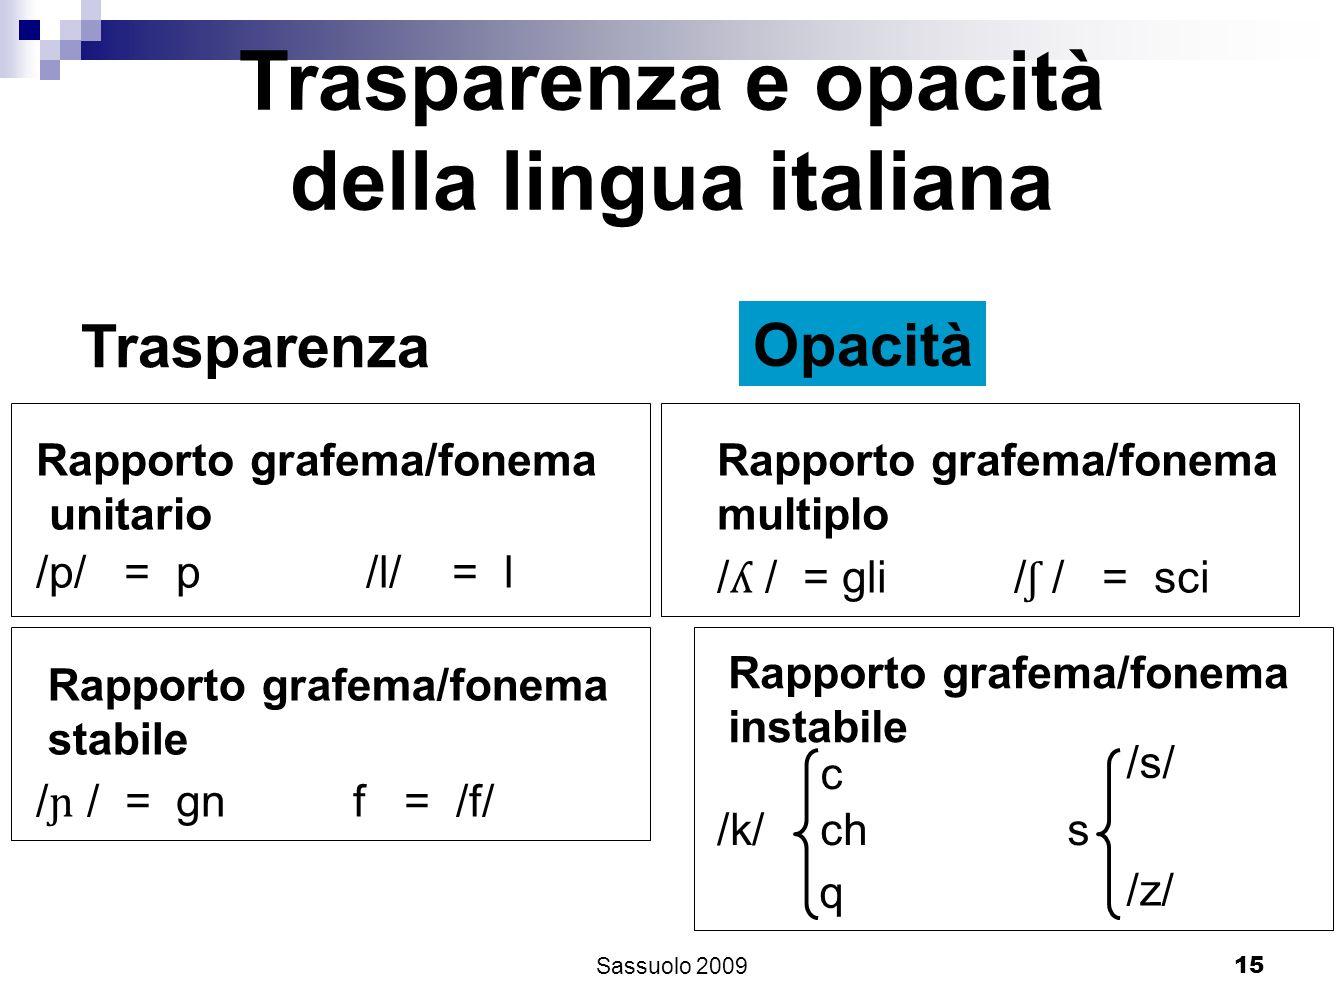 15 Trasparenza e opacità della lingua italiana Trasparenza Opacità Rapporto grafema/fonema unitario Rapporto grafema/fonema multiplo /p/ = p /l/ = l /